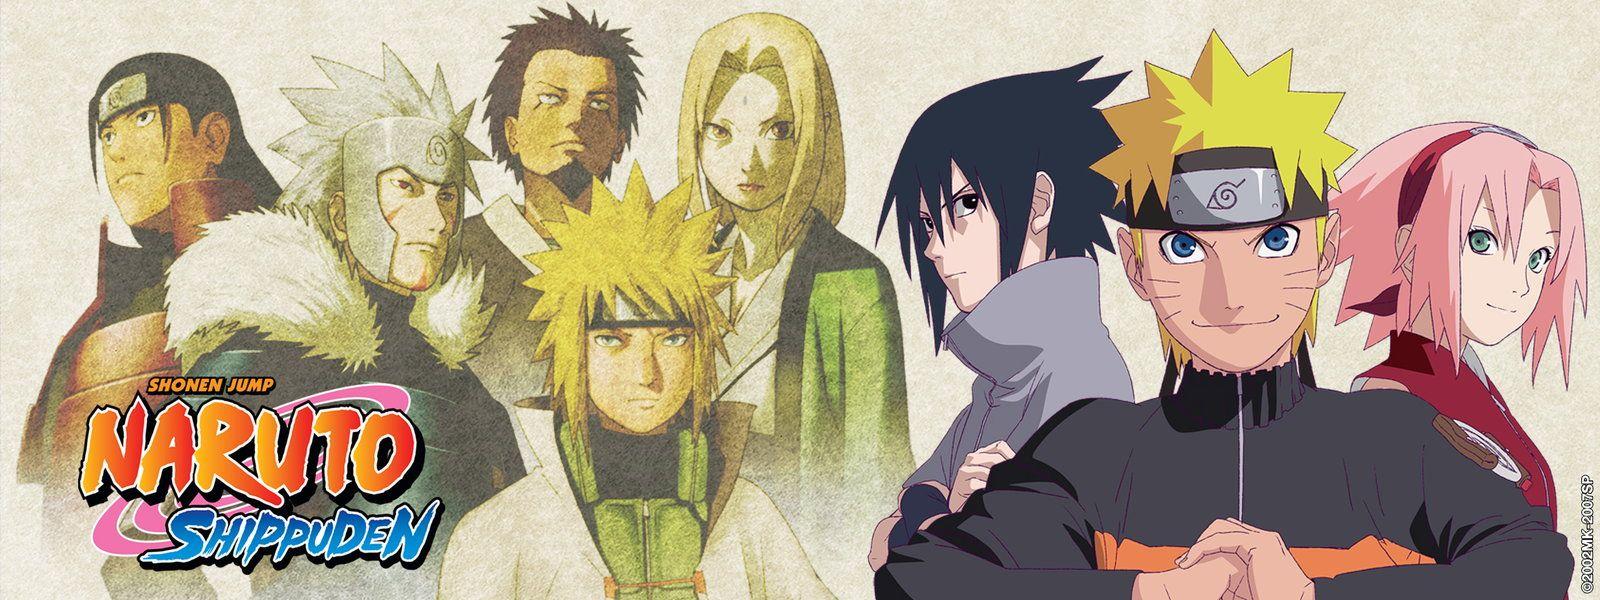 1603 (1600×600) Naruto, Naruto shippuden, Naruto last